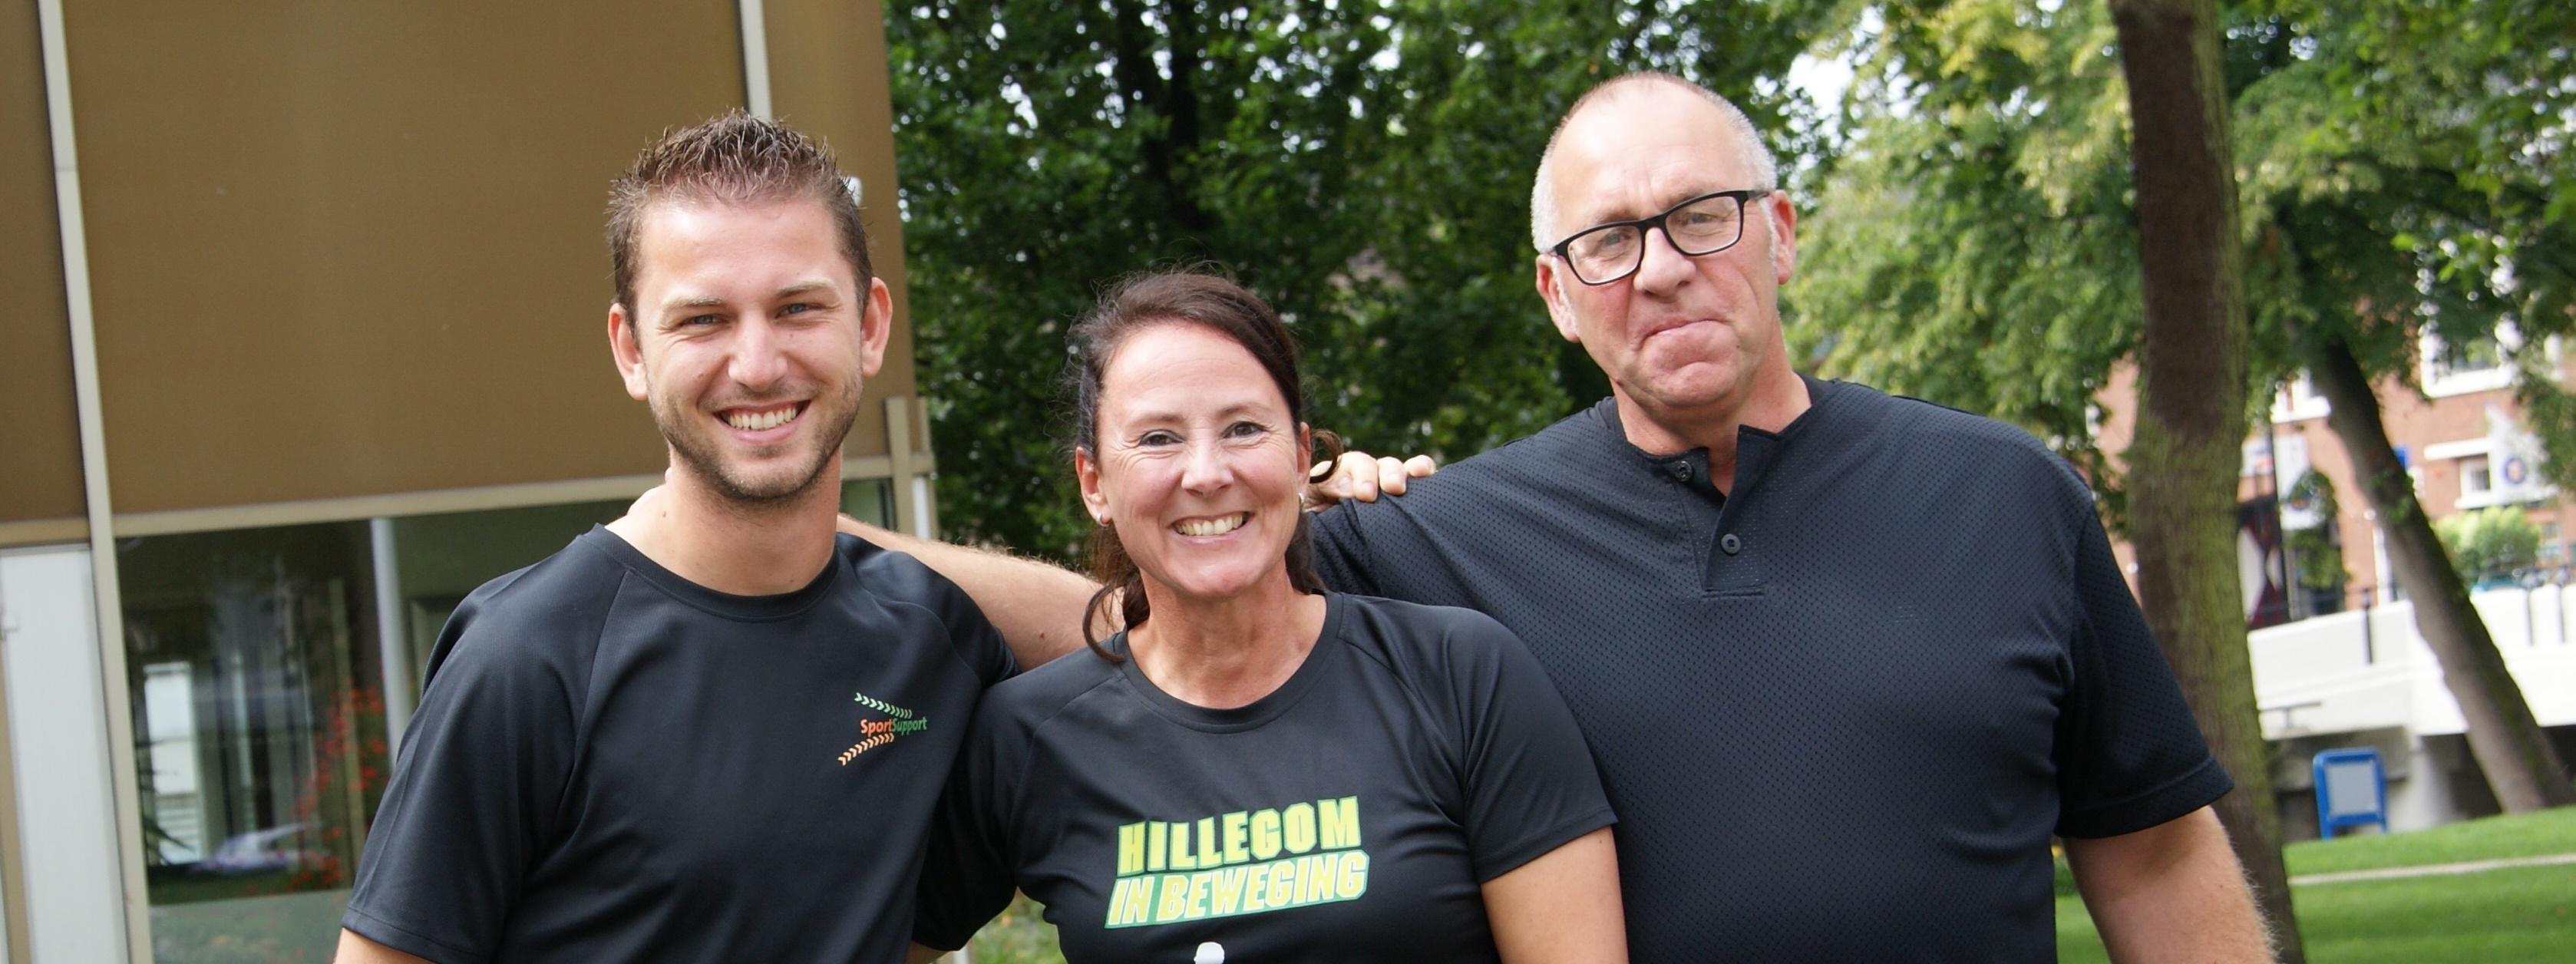 Team Hillegom in Beweging: een bekend begrip